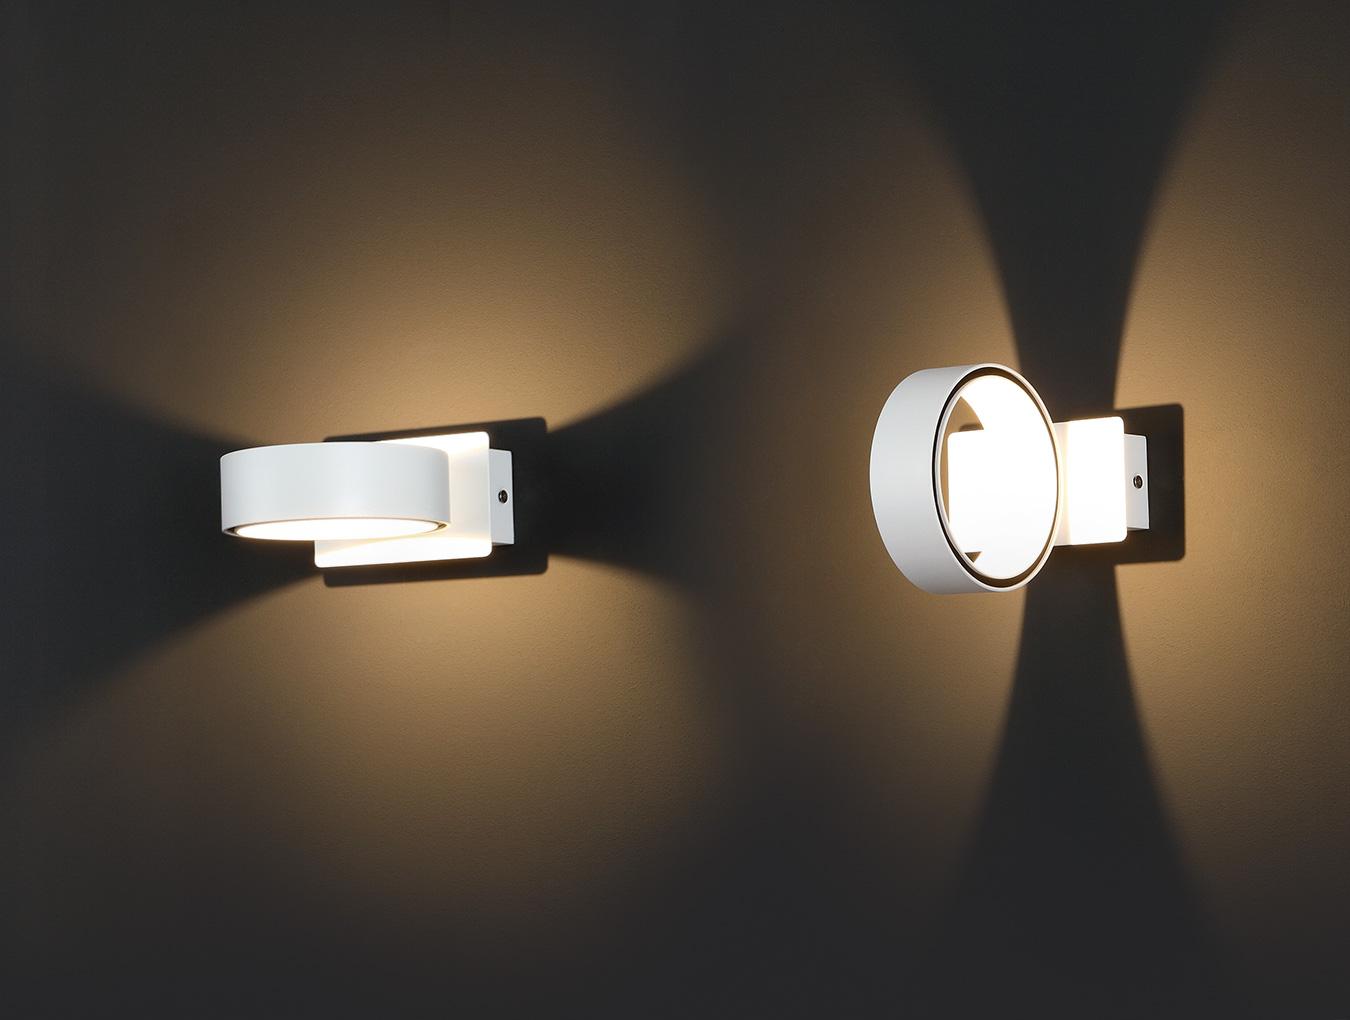 Nástěnné svítidlo Maxlight Tokyo I, bílé, W0166